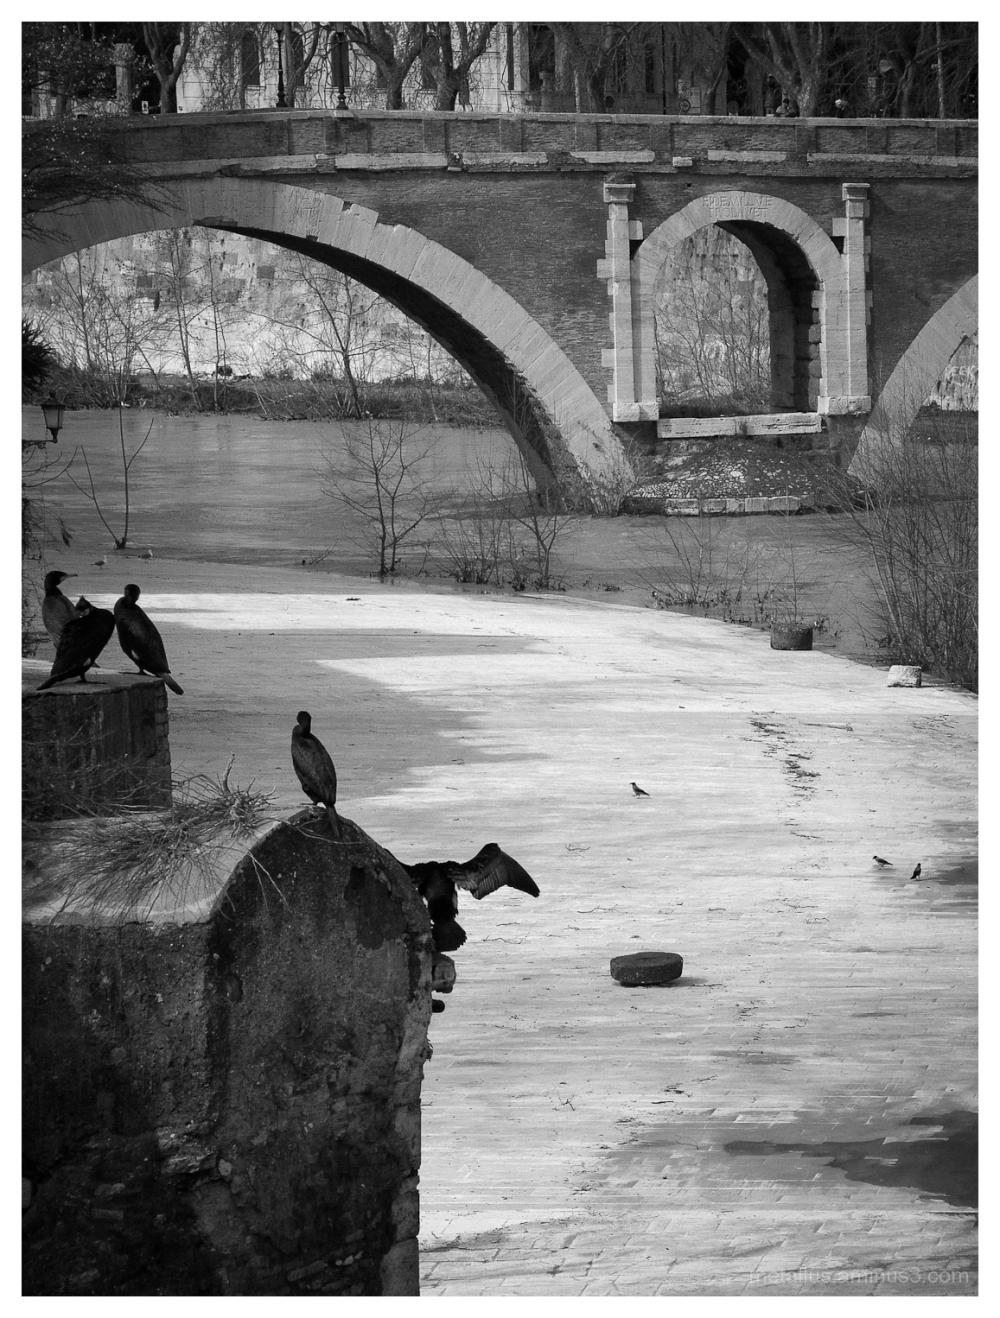 Birds at Tiber river in Rome, Italy